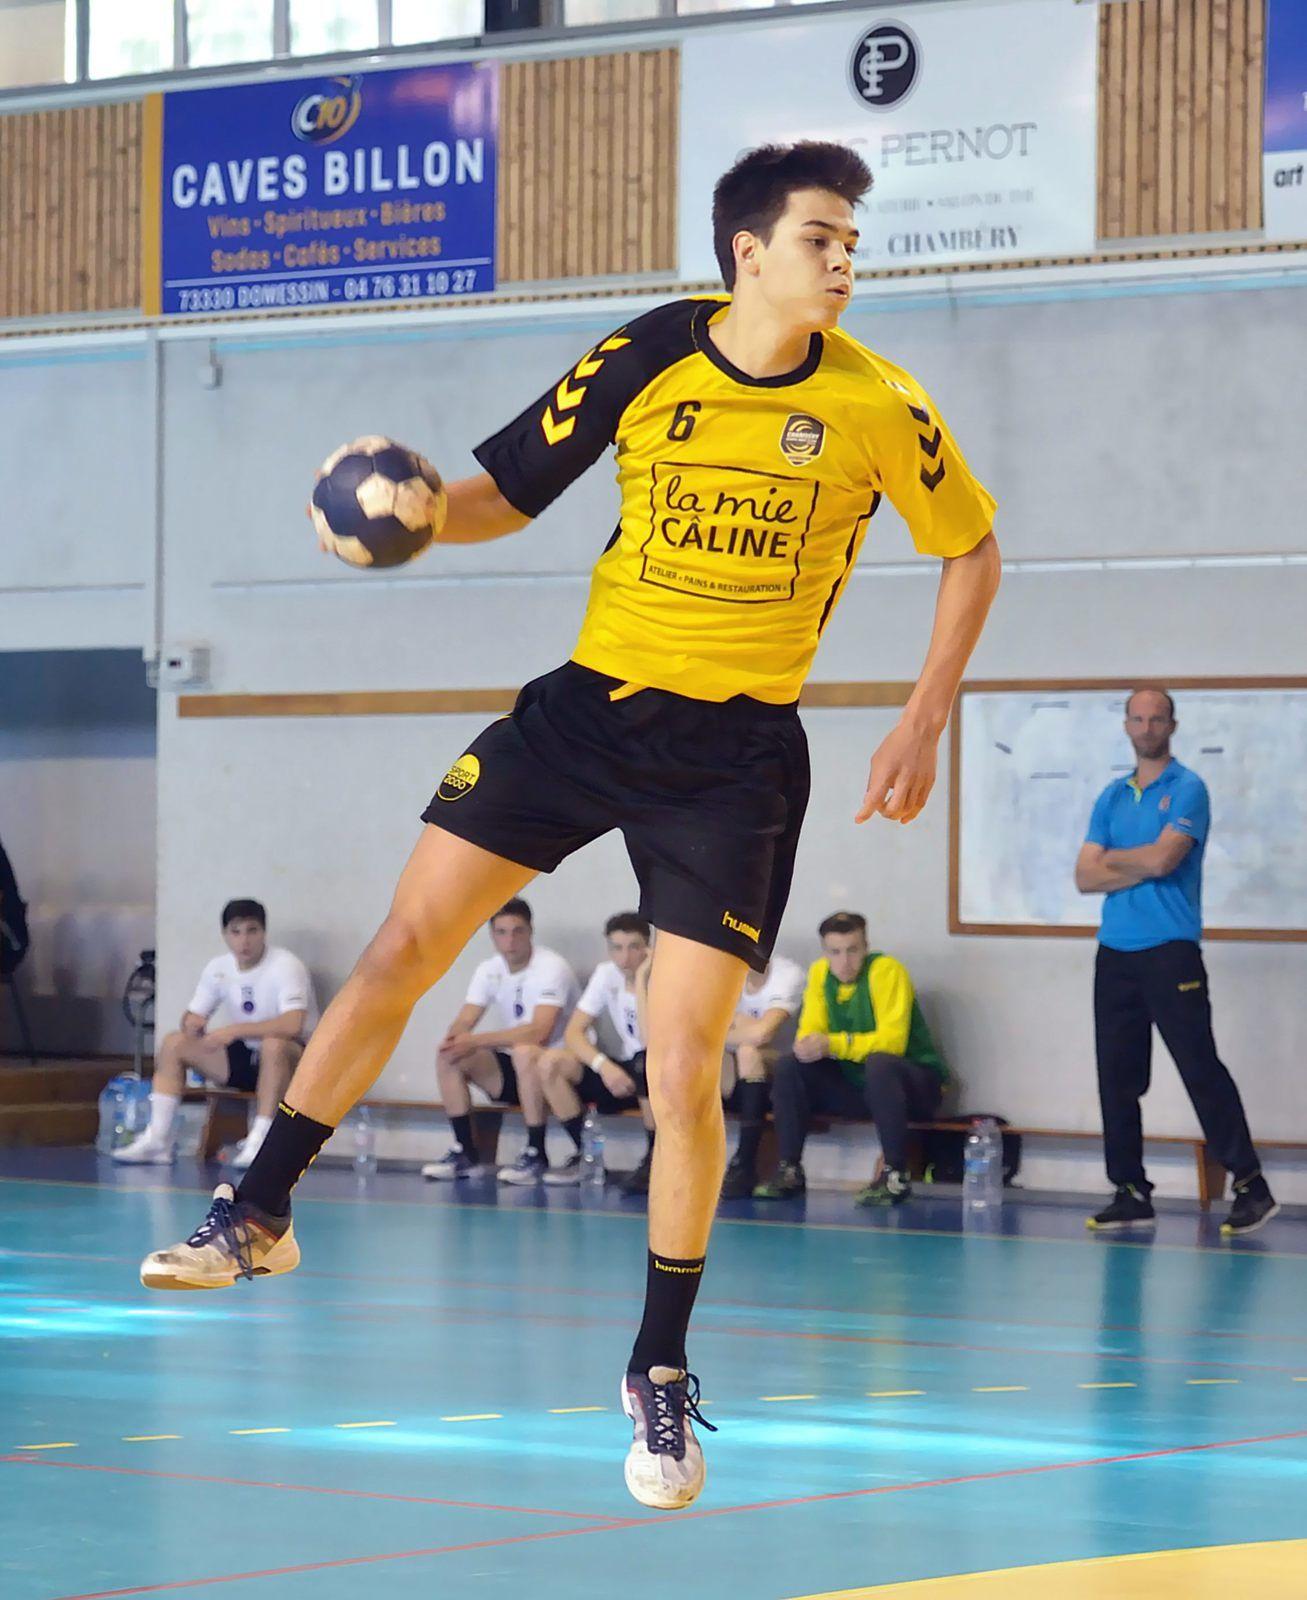 - 18 en battant Istres, Chambéry se qualifie pour les 8e de finale samedi 22 avril